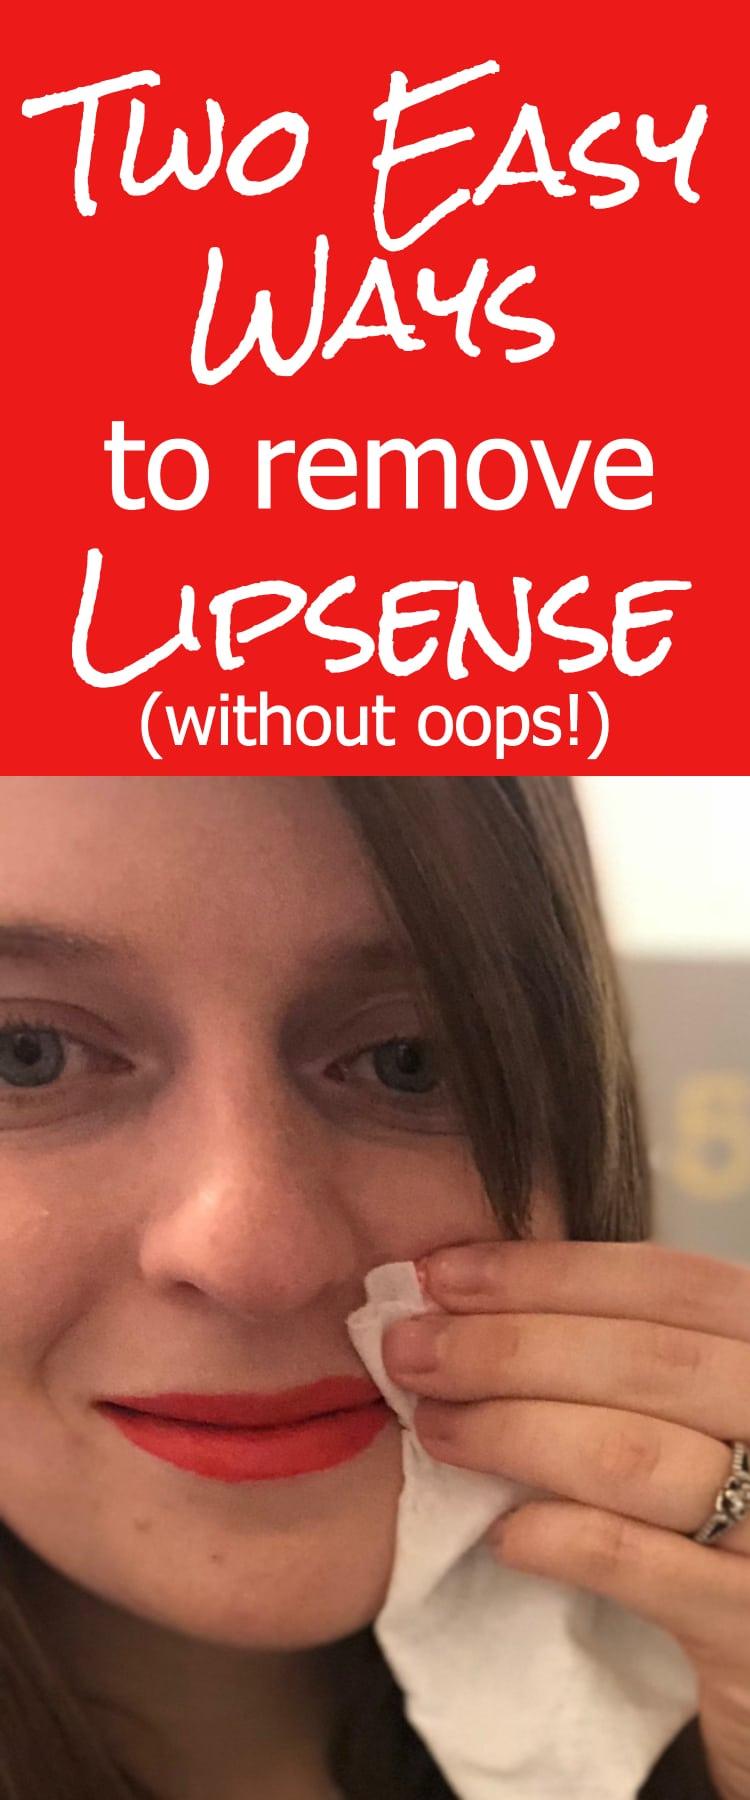 How to remove lipsense / lipsense remover / lipsense removal